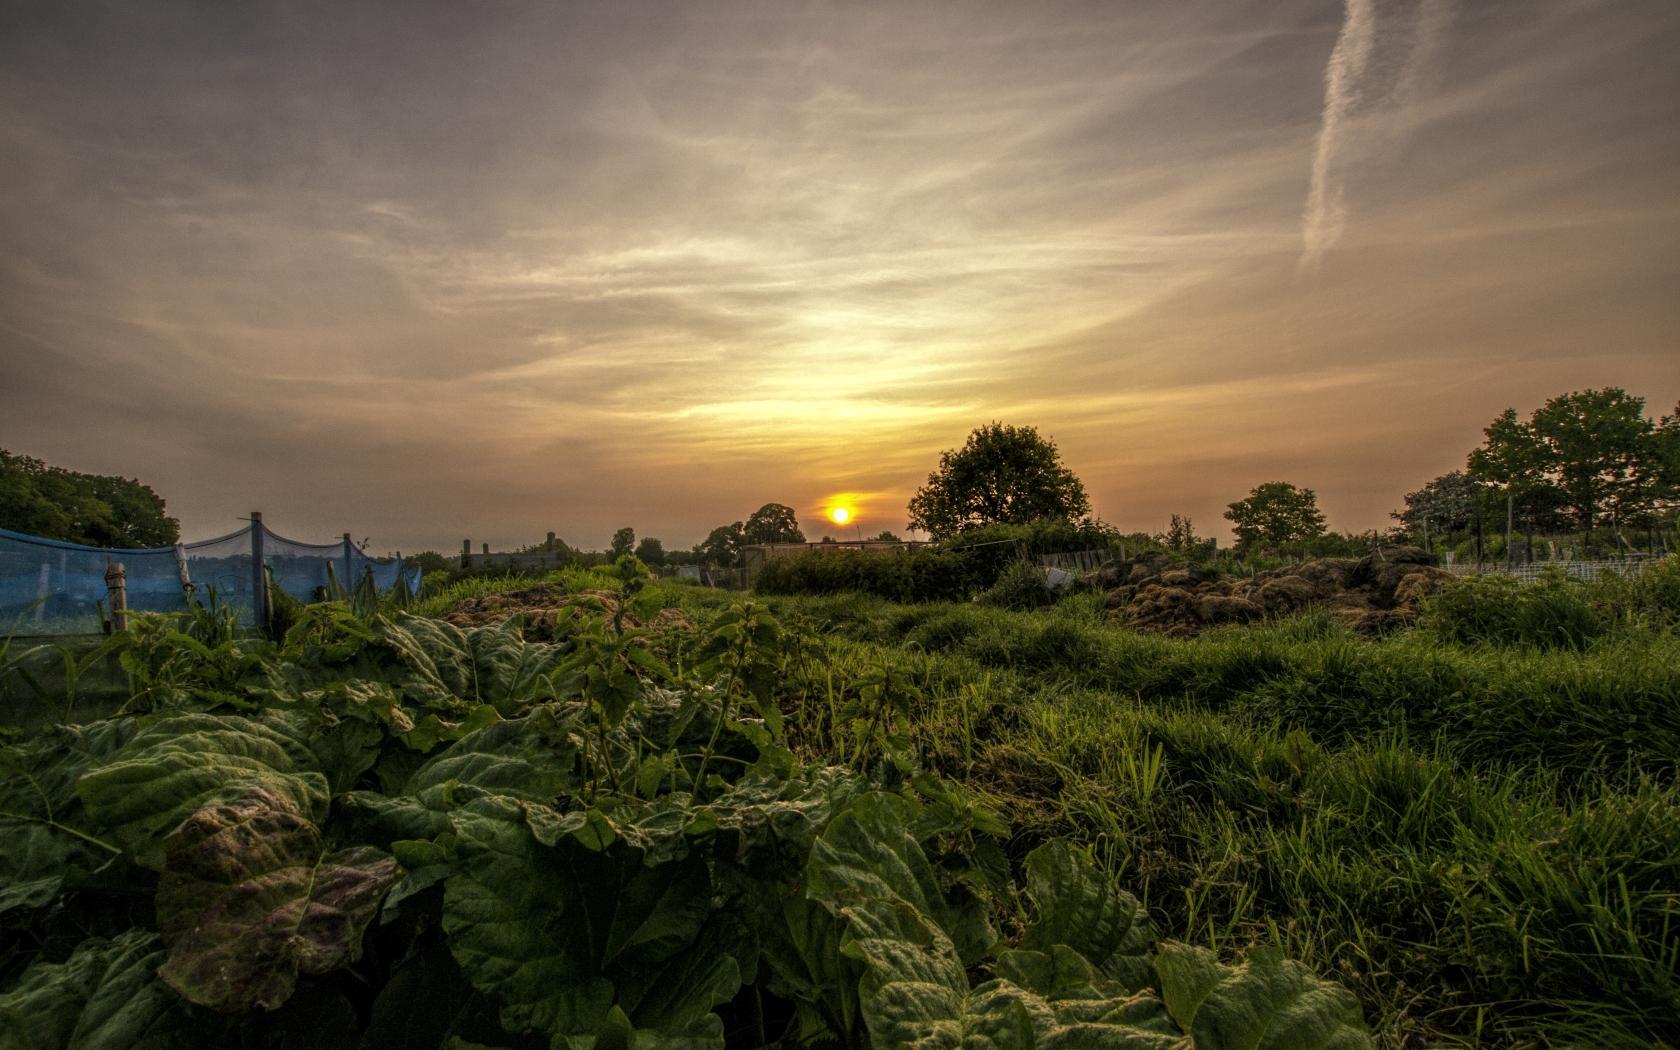 Puesta de sol en el campo - 1680x1050